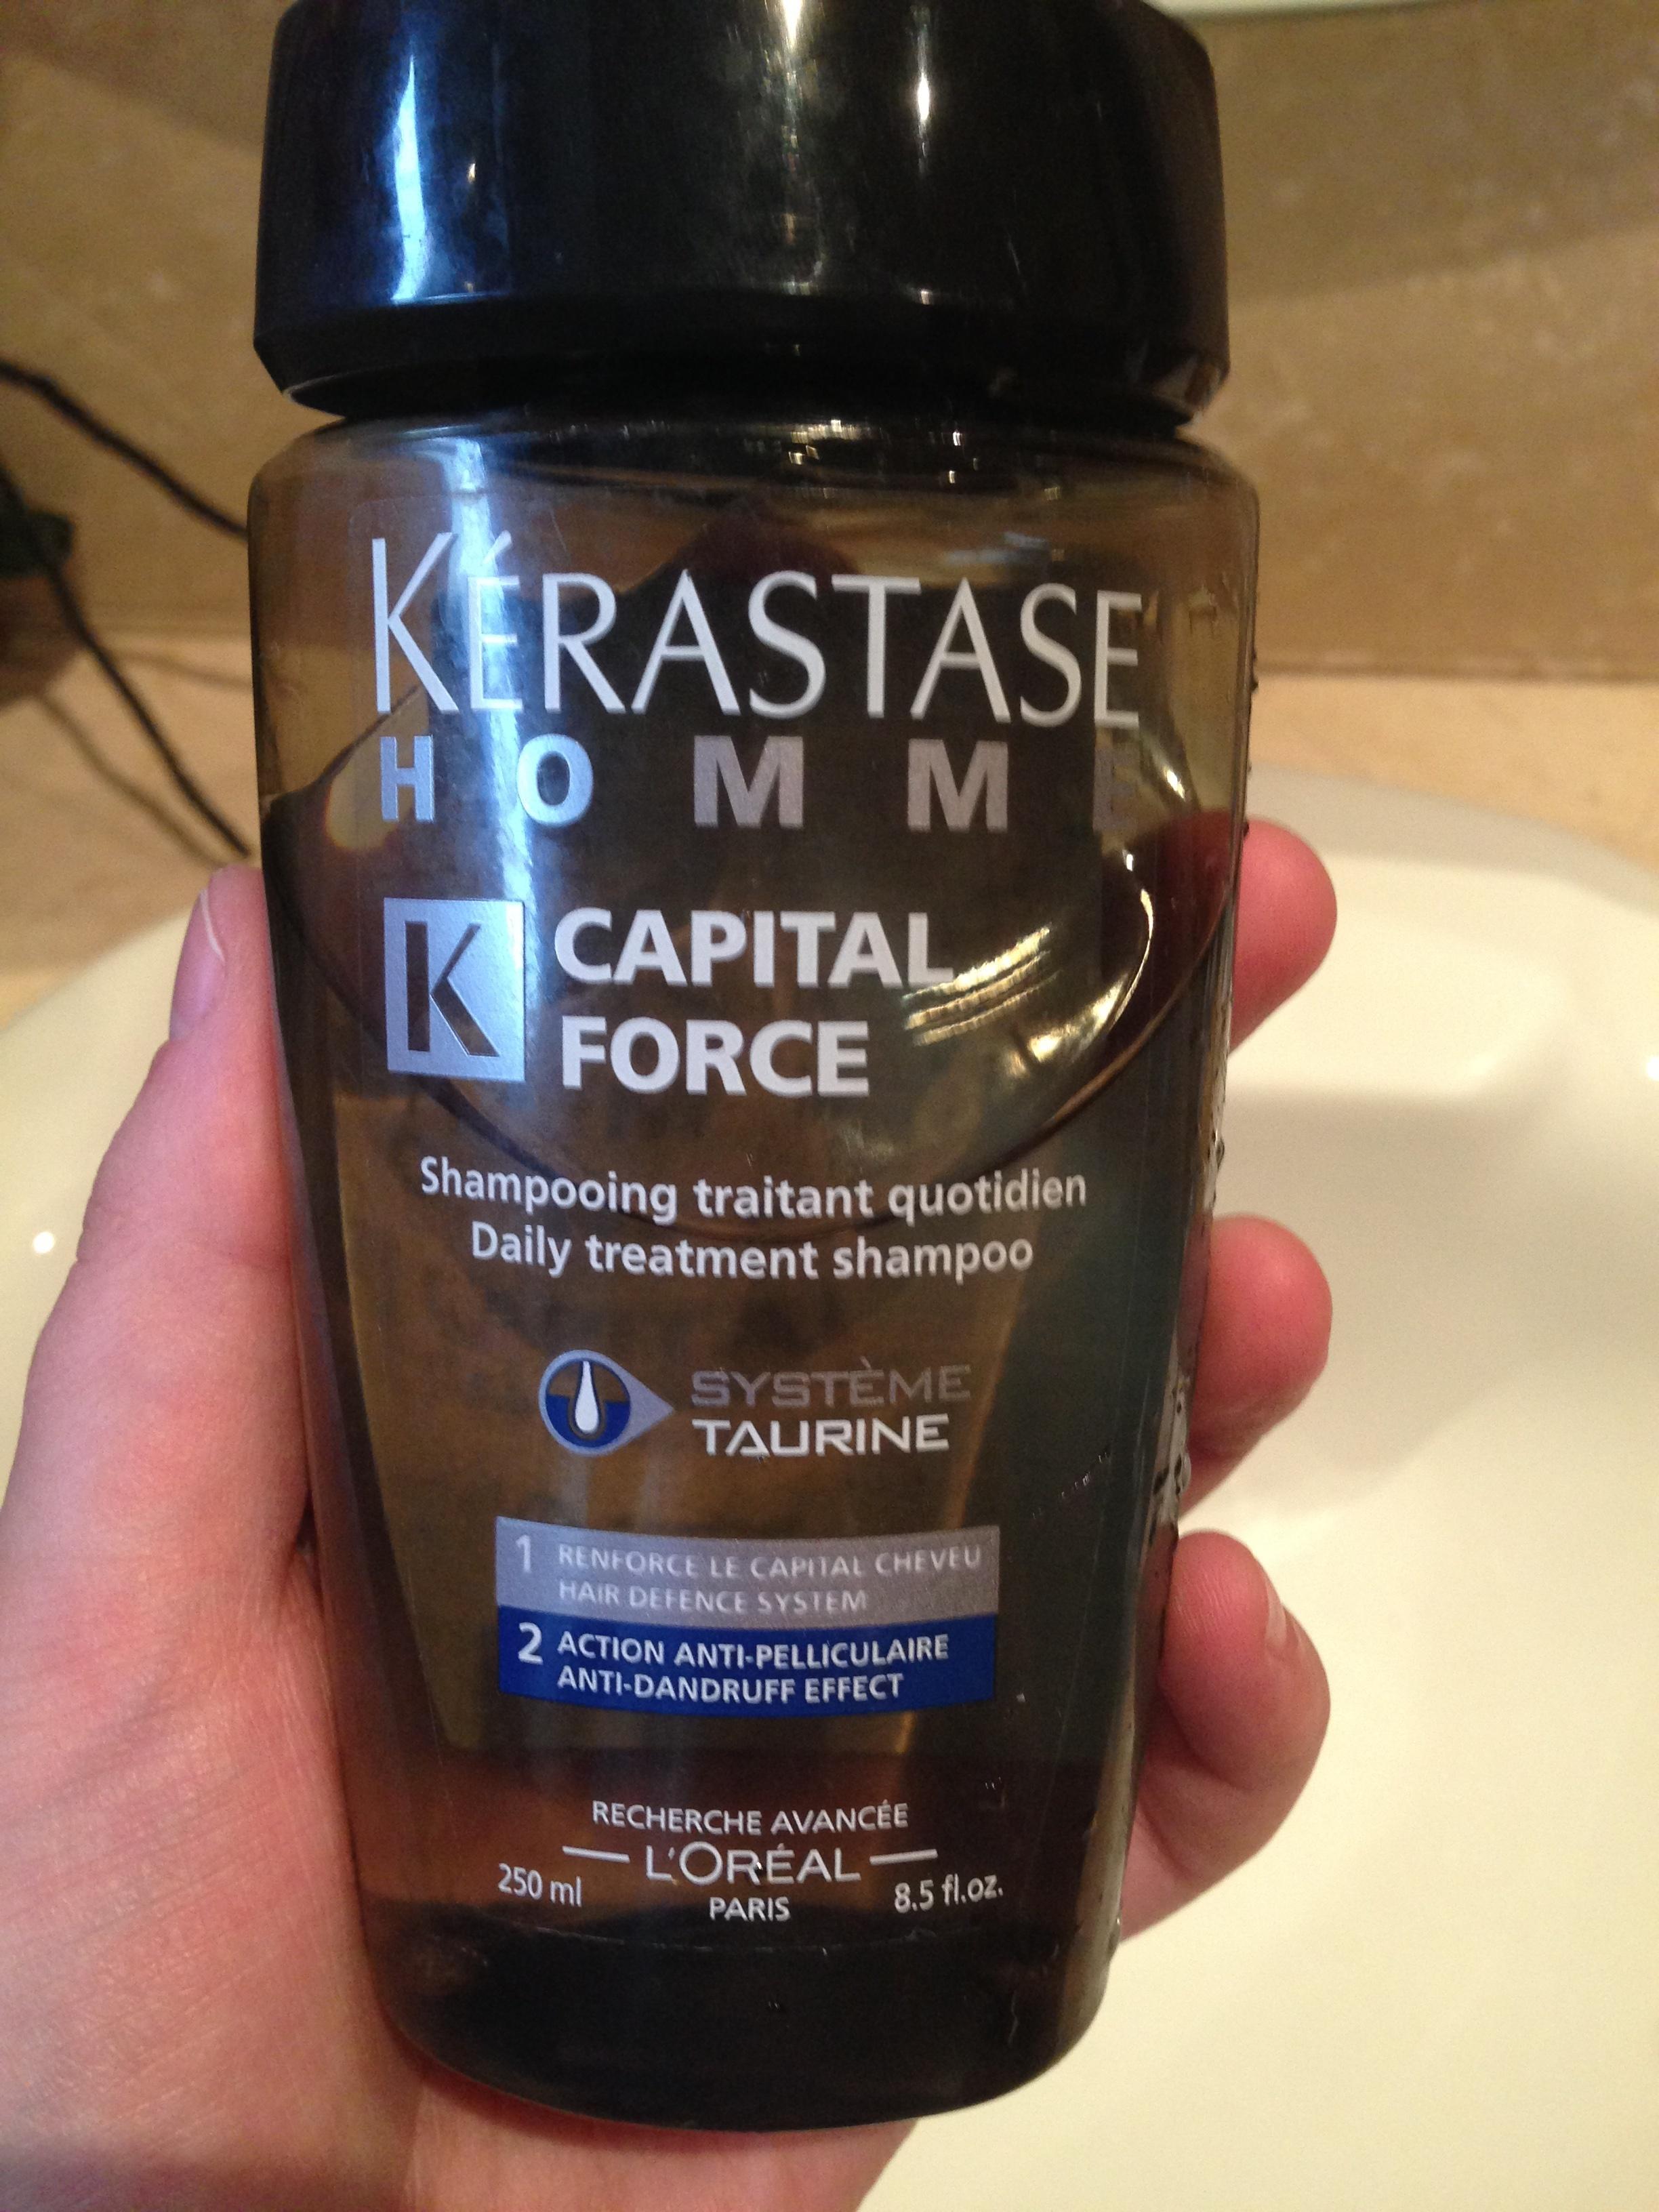 Kérastase Homme Capital Force - Produto - en